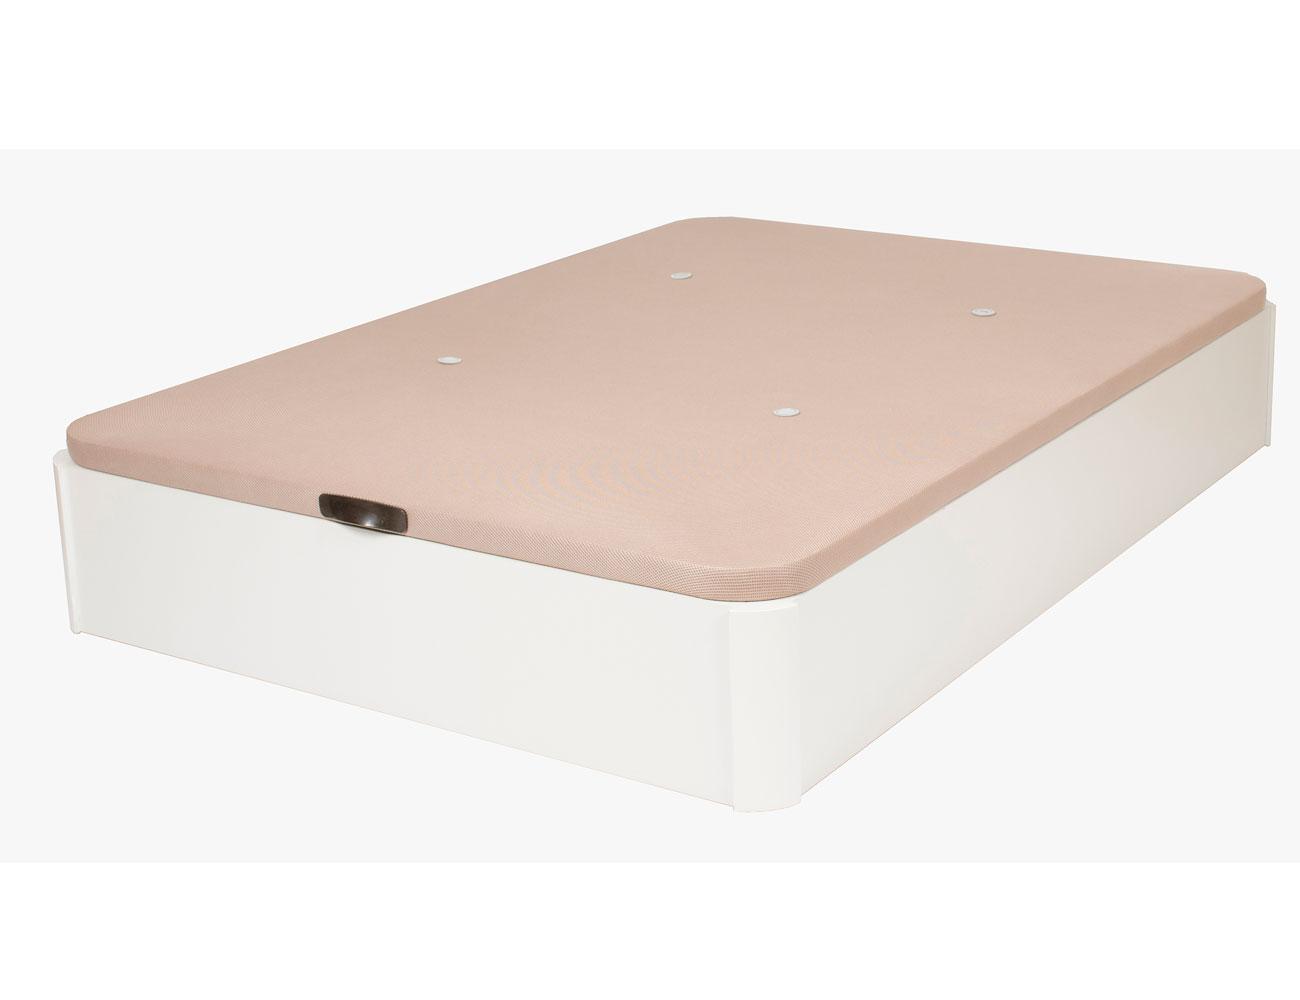 Canape tapa tapizada 3d aireadores1